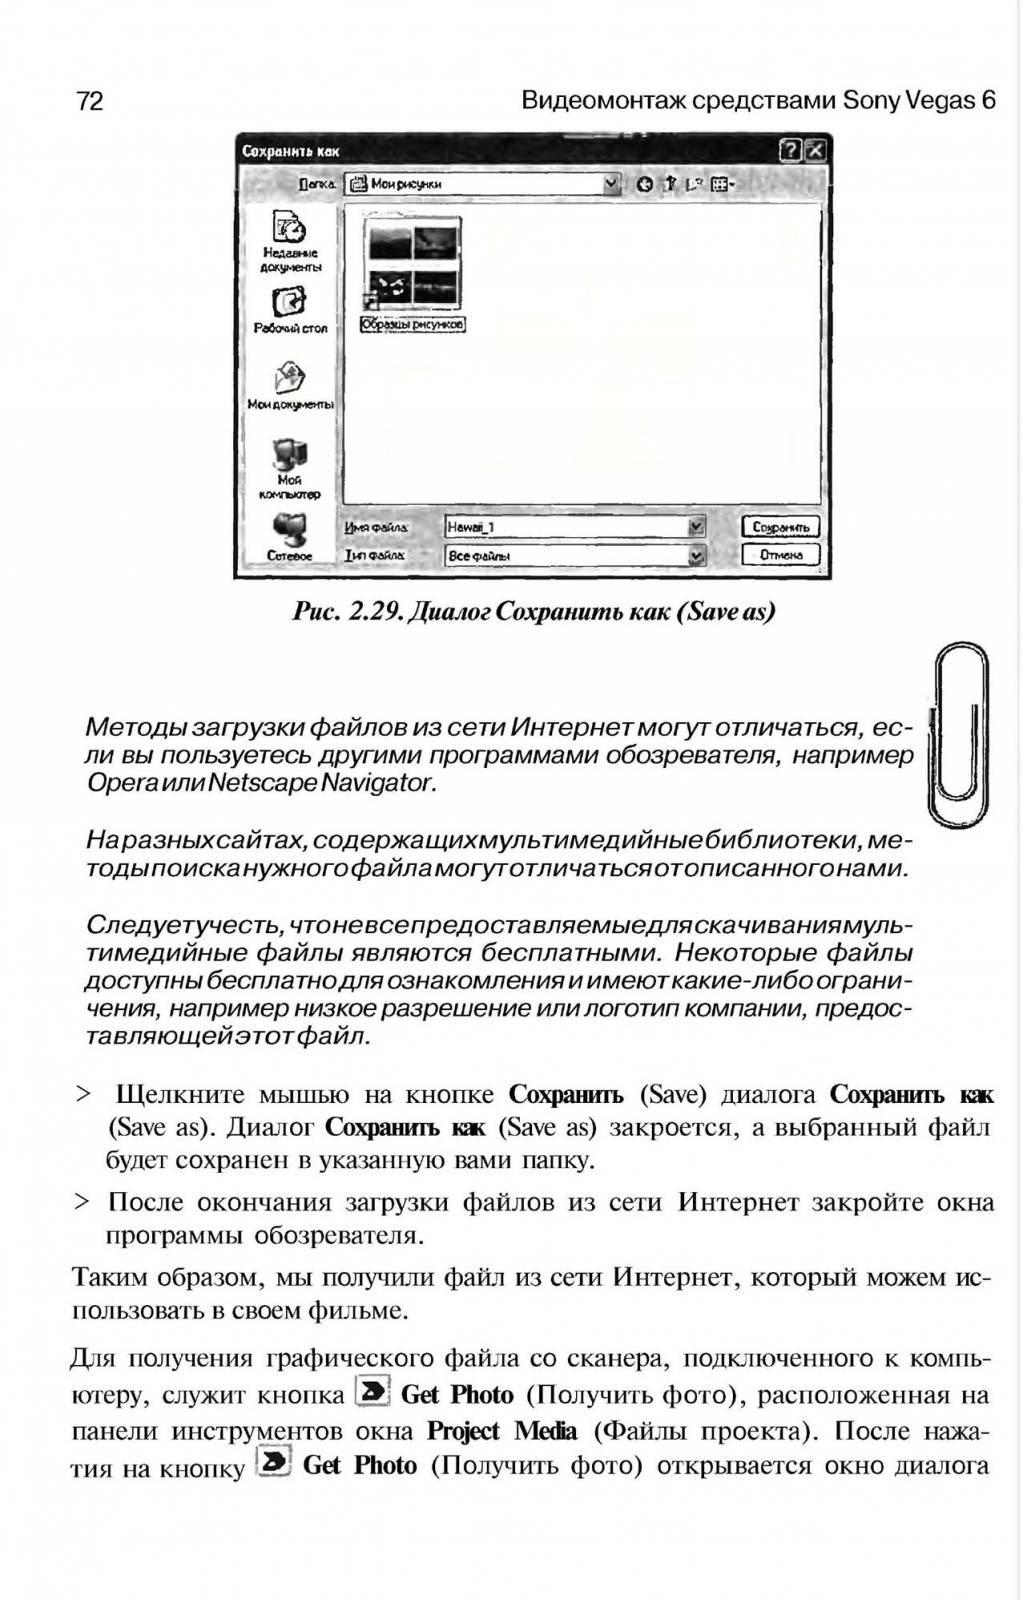 http://redaktori-uroki.3dn.ru/_ph/13/824074000.jpg